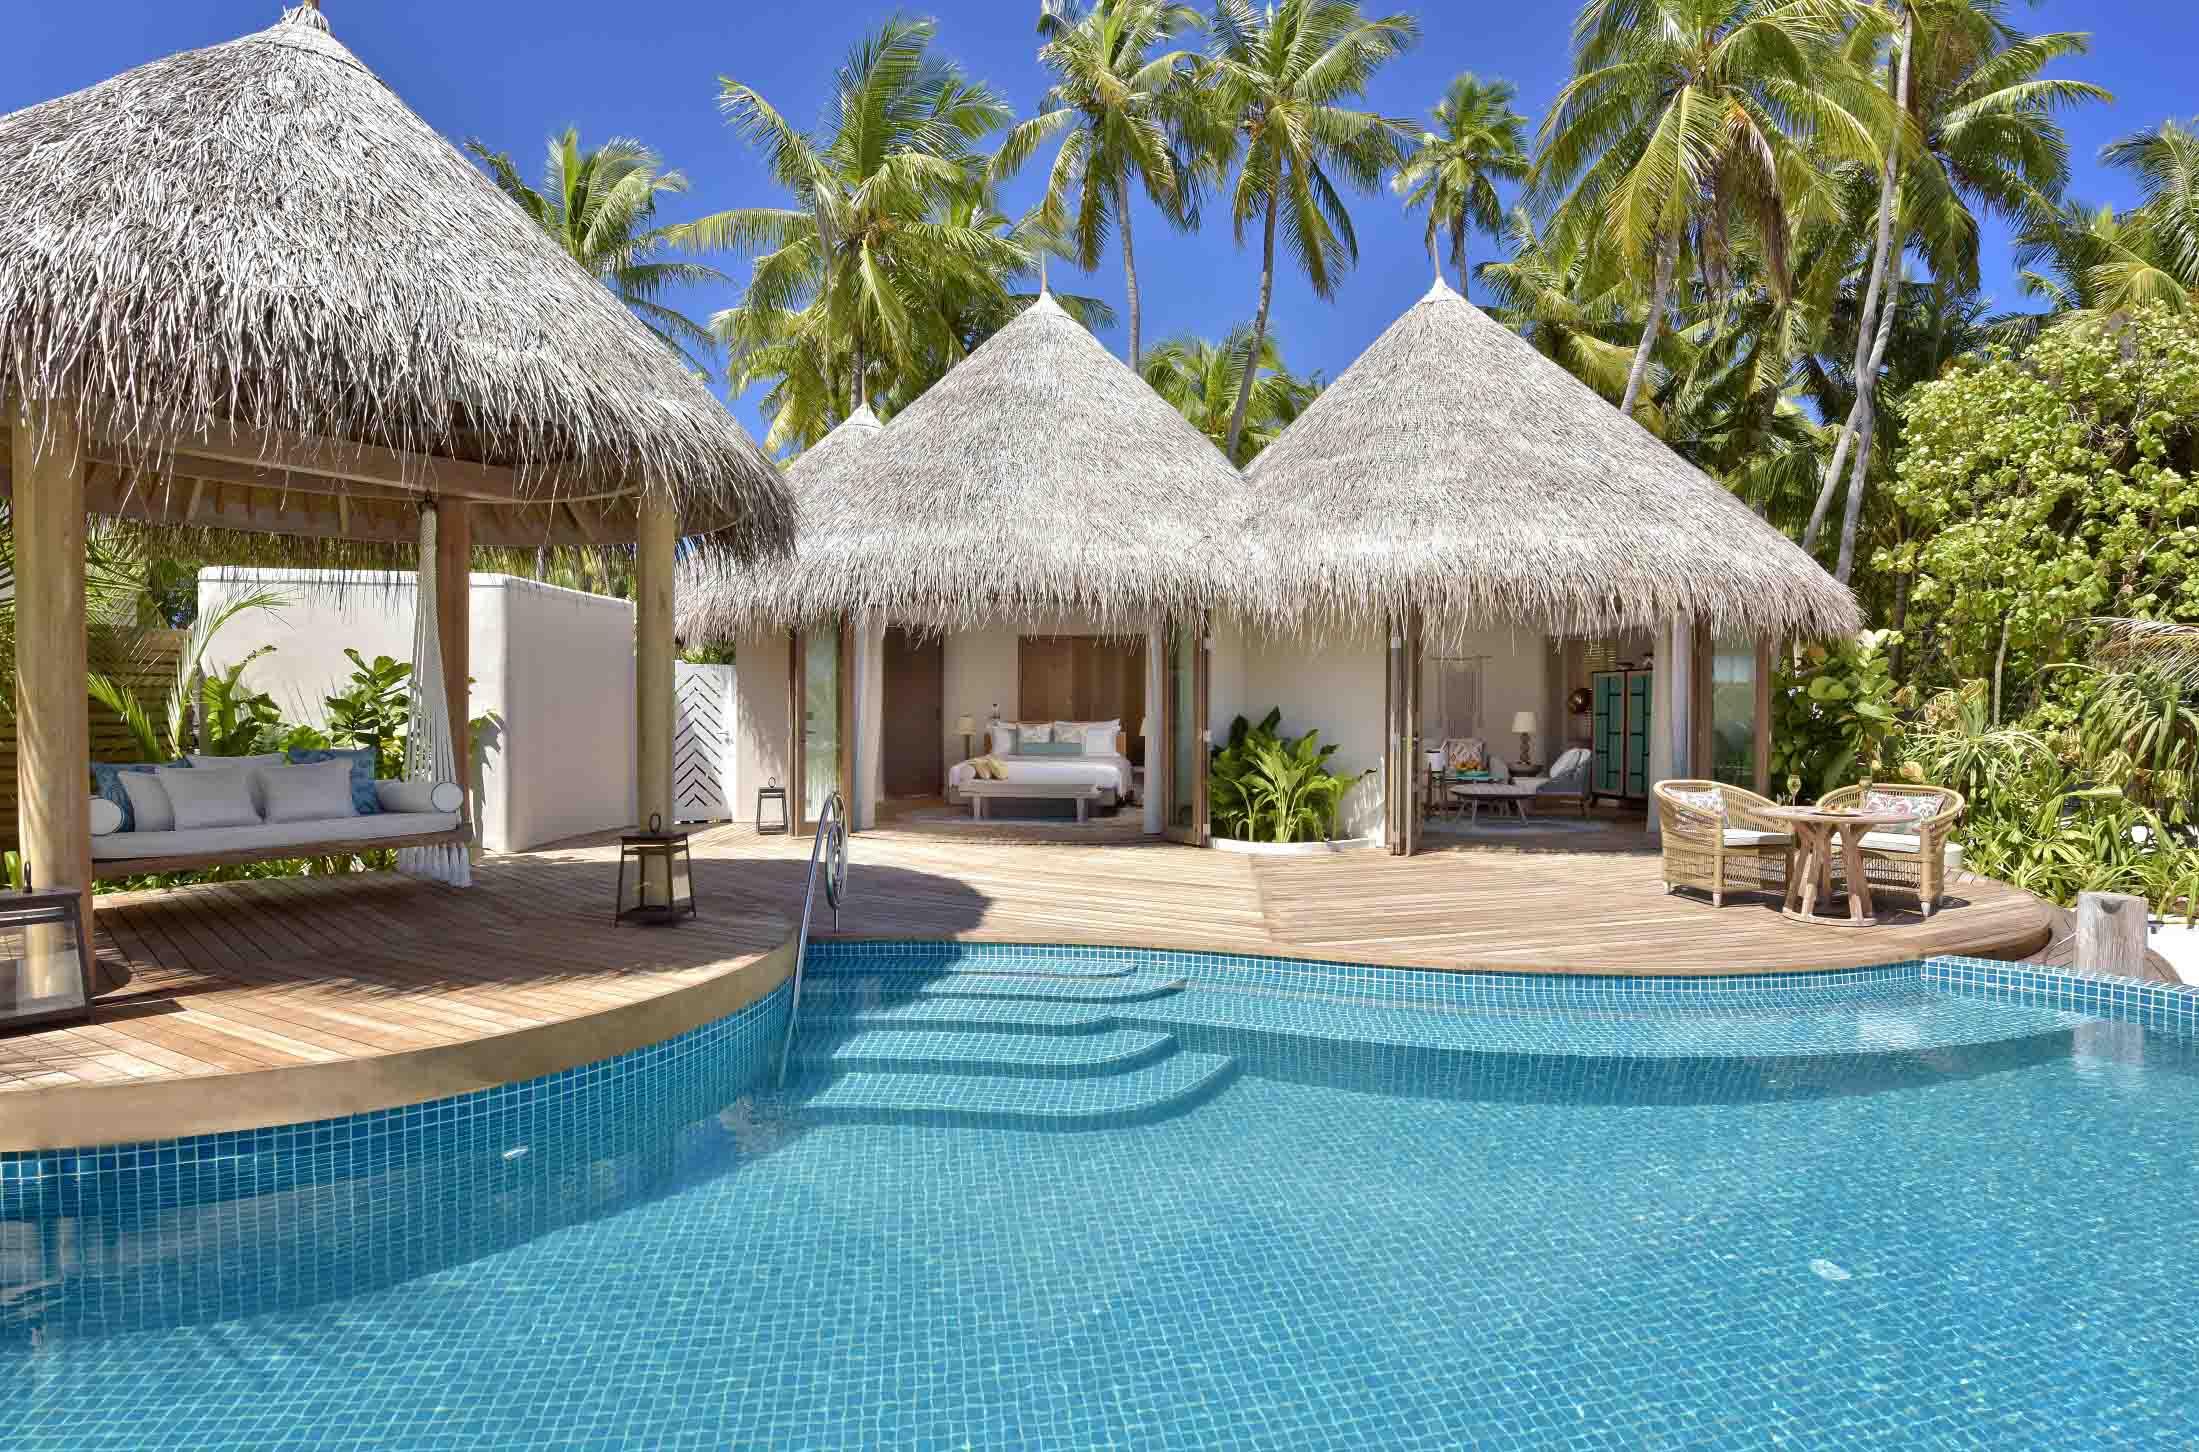 The Nautilus Maldives beach house exterior pool 2